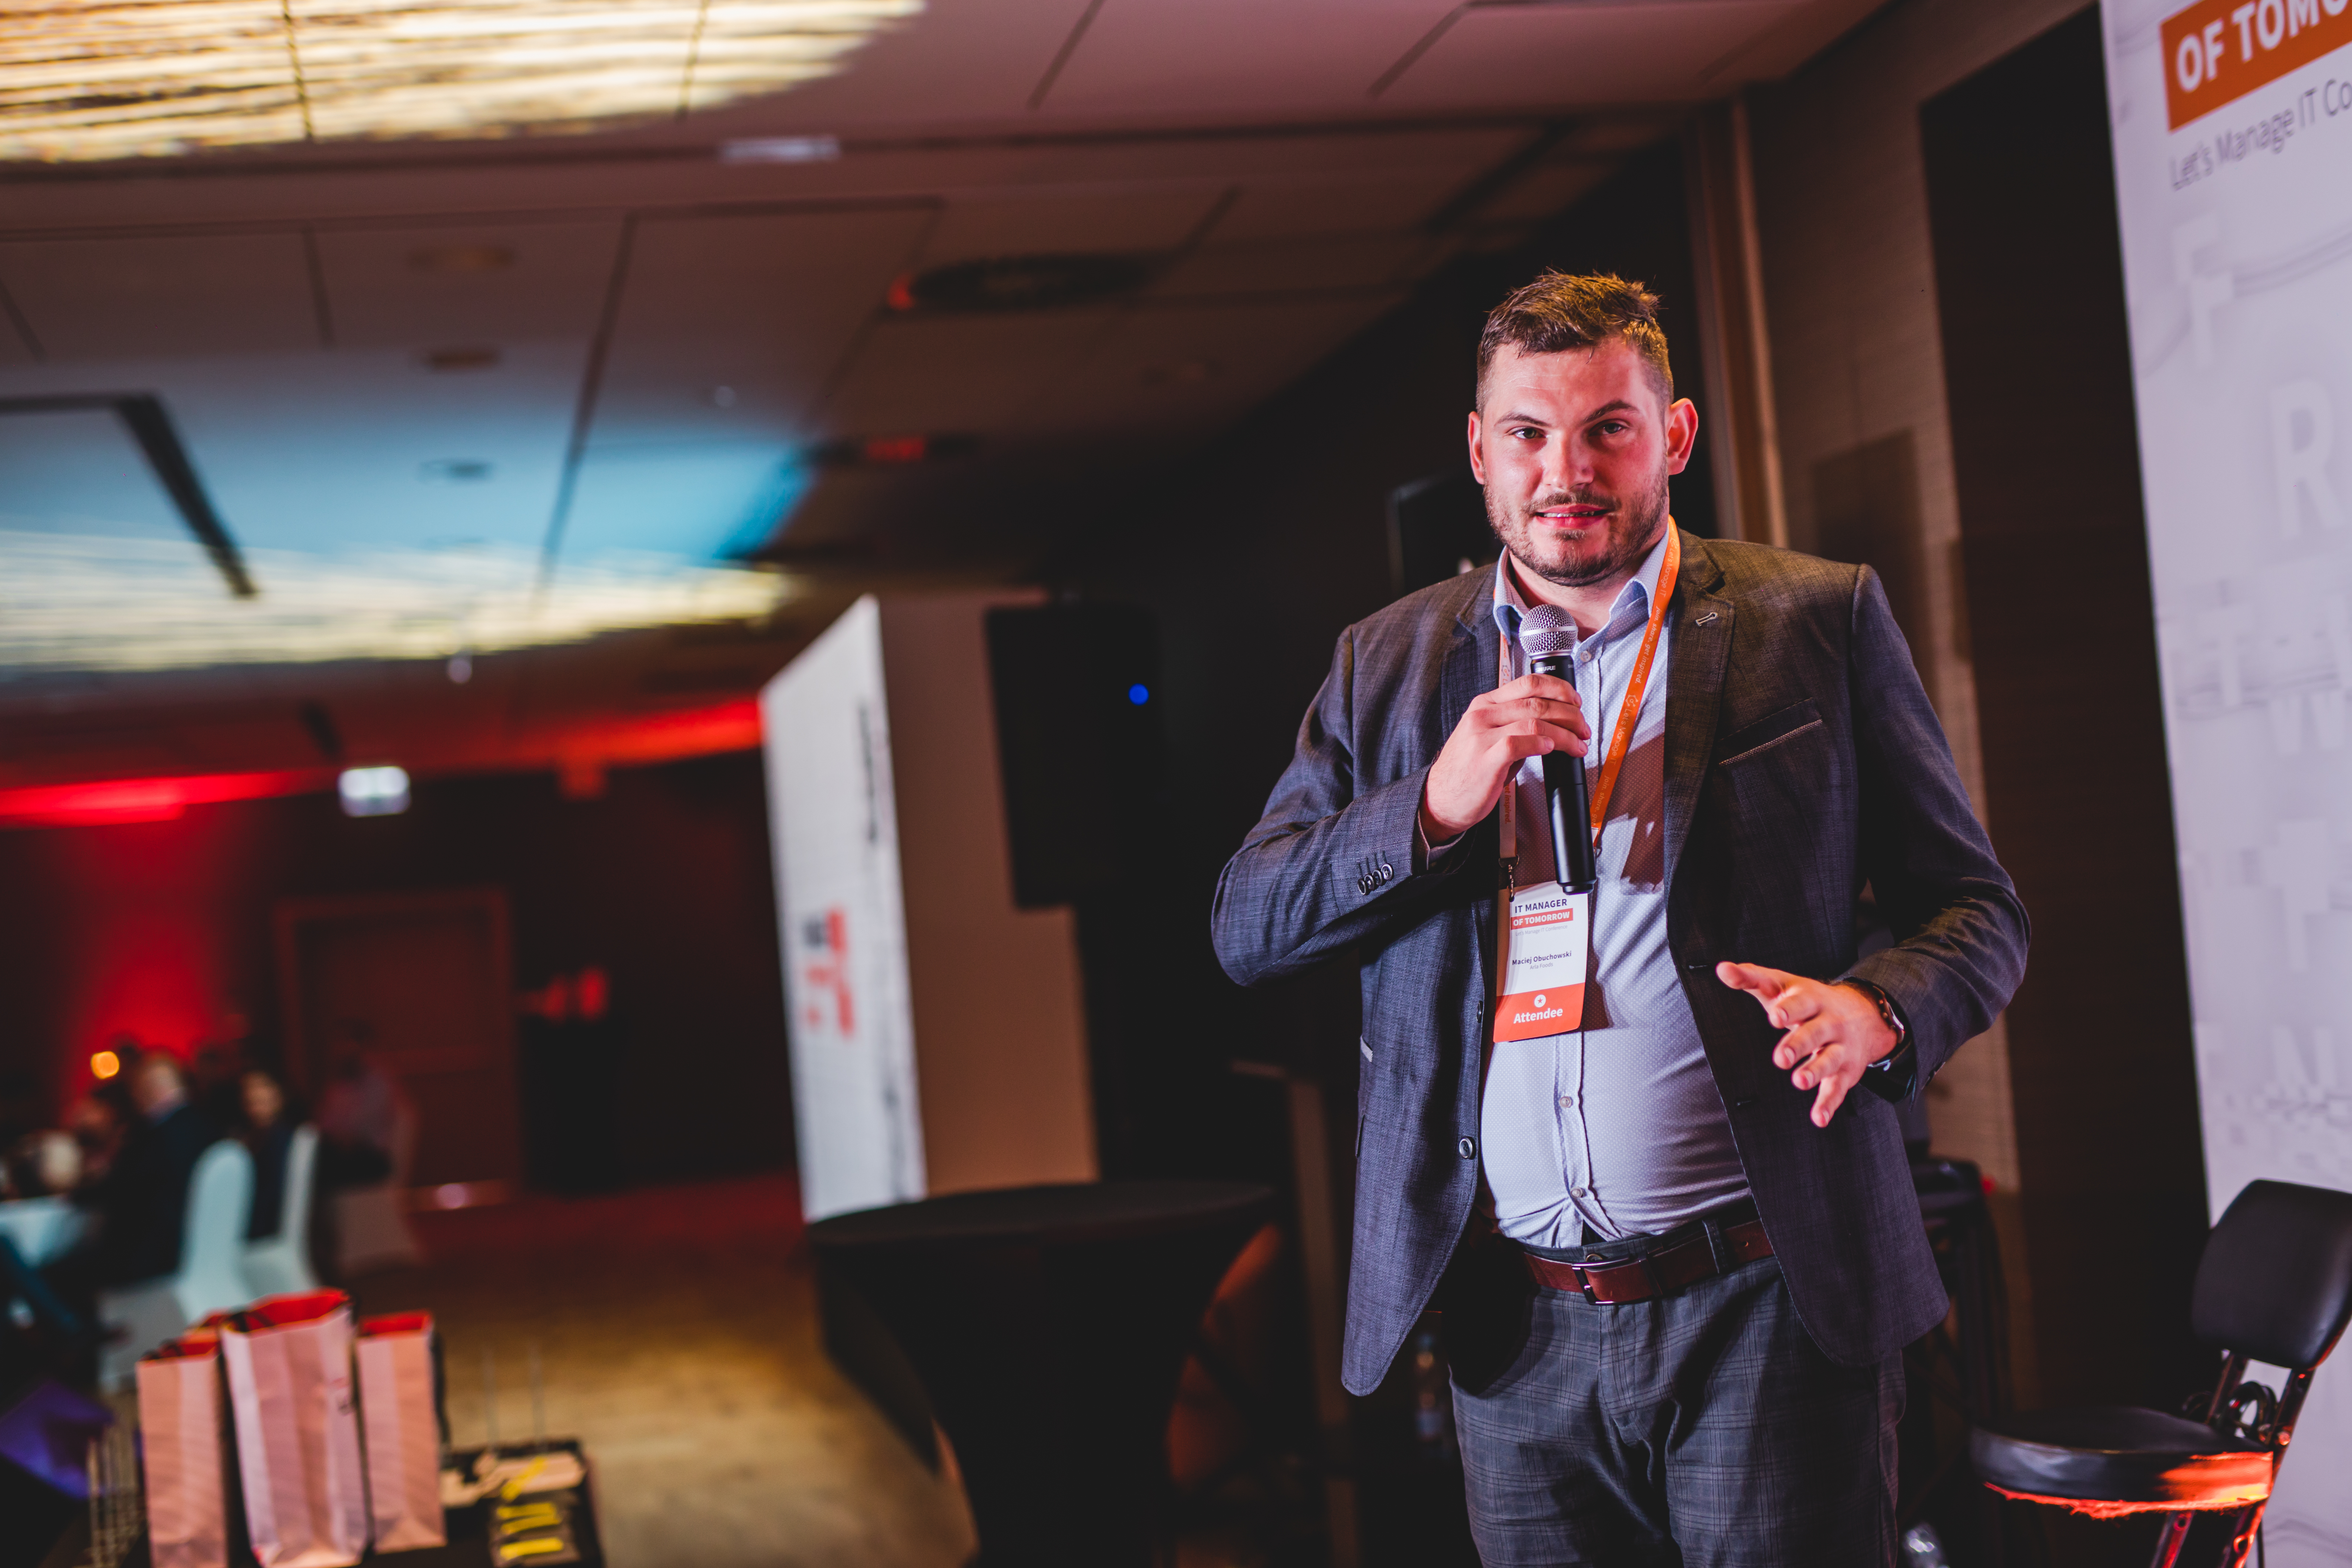 ITMT-Awards-2020-Maciej-Obuchowski-2019